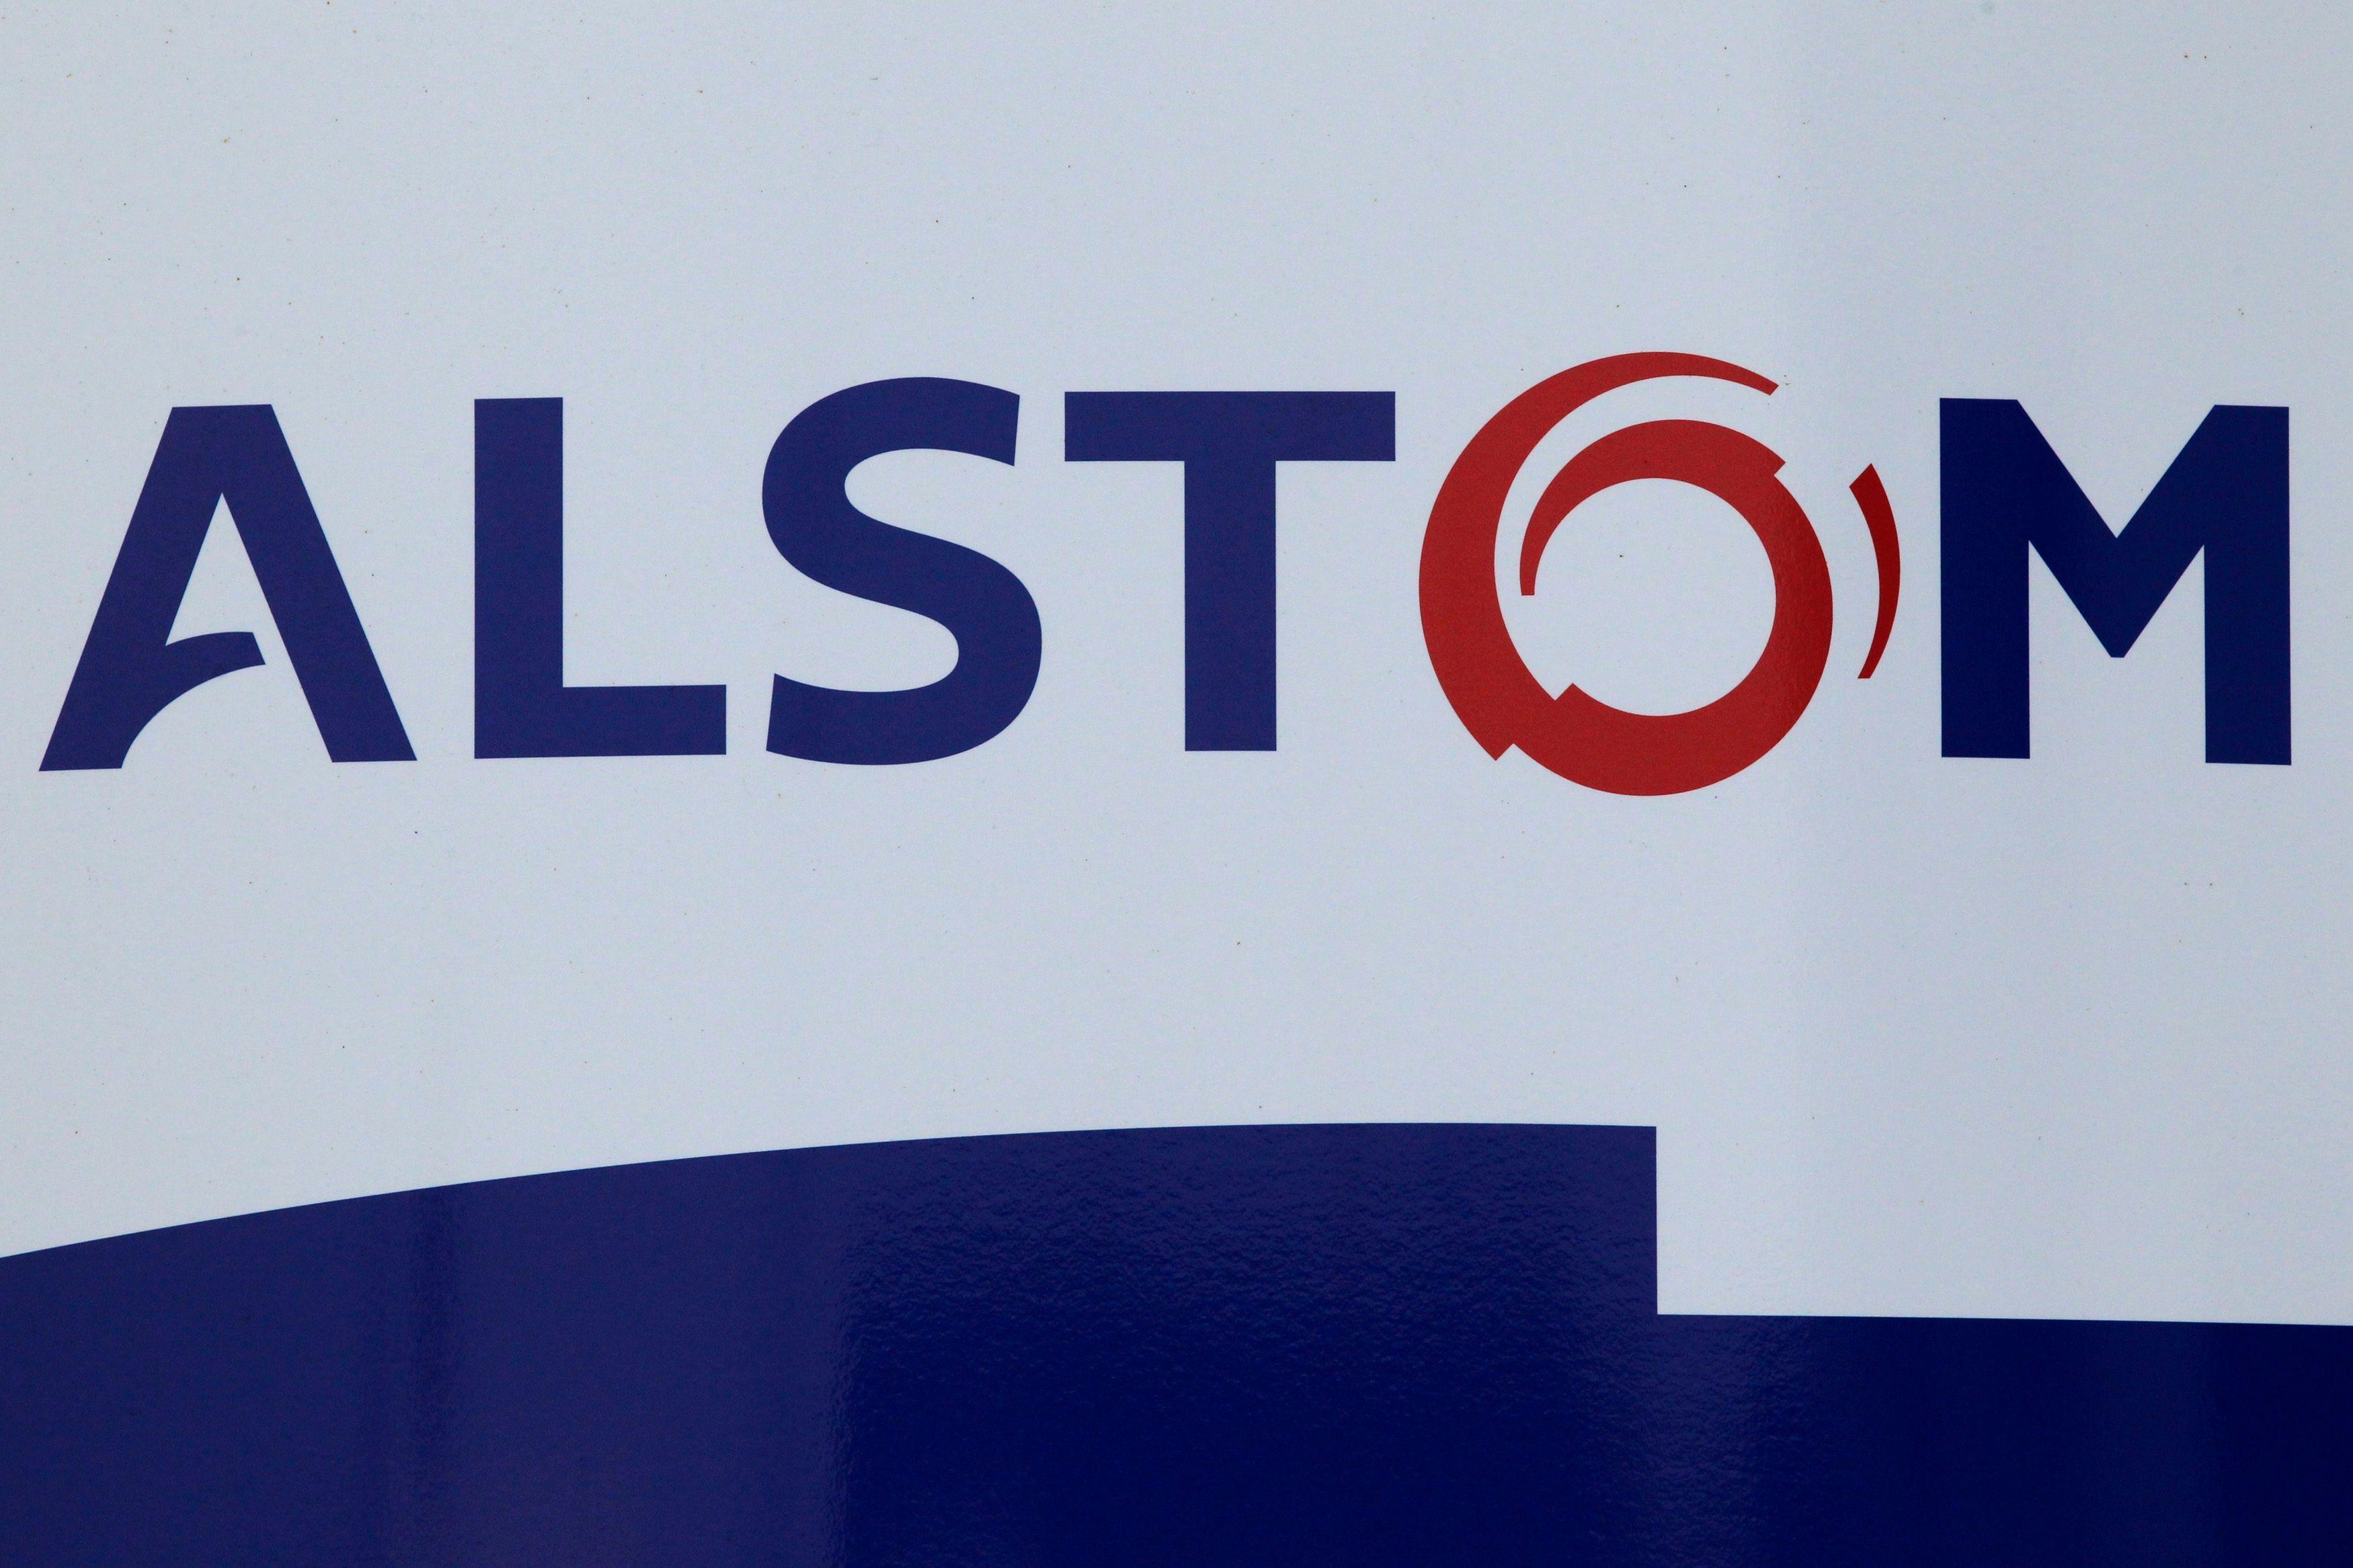 Alstom : Guaino favorable à une nationalisation temporaire, Toshiba nouveau prétendant